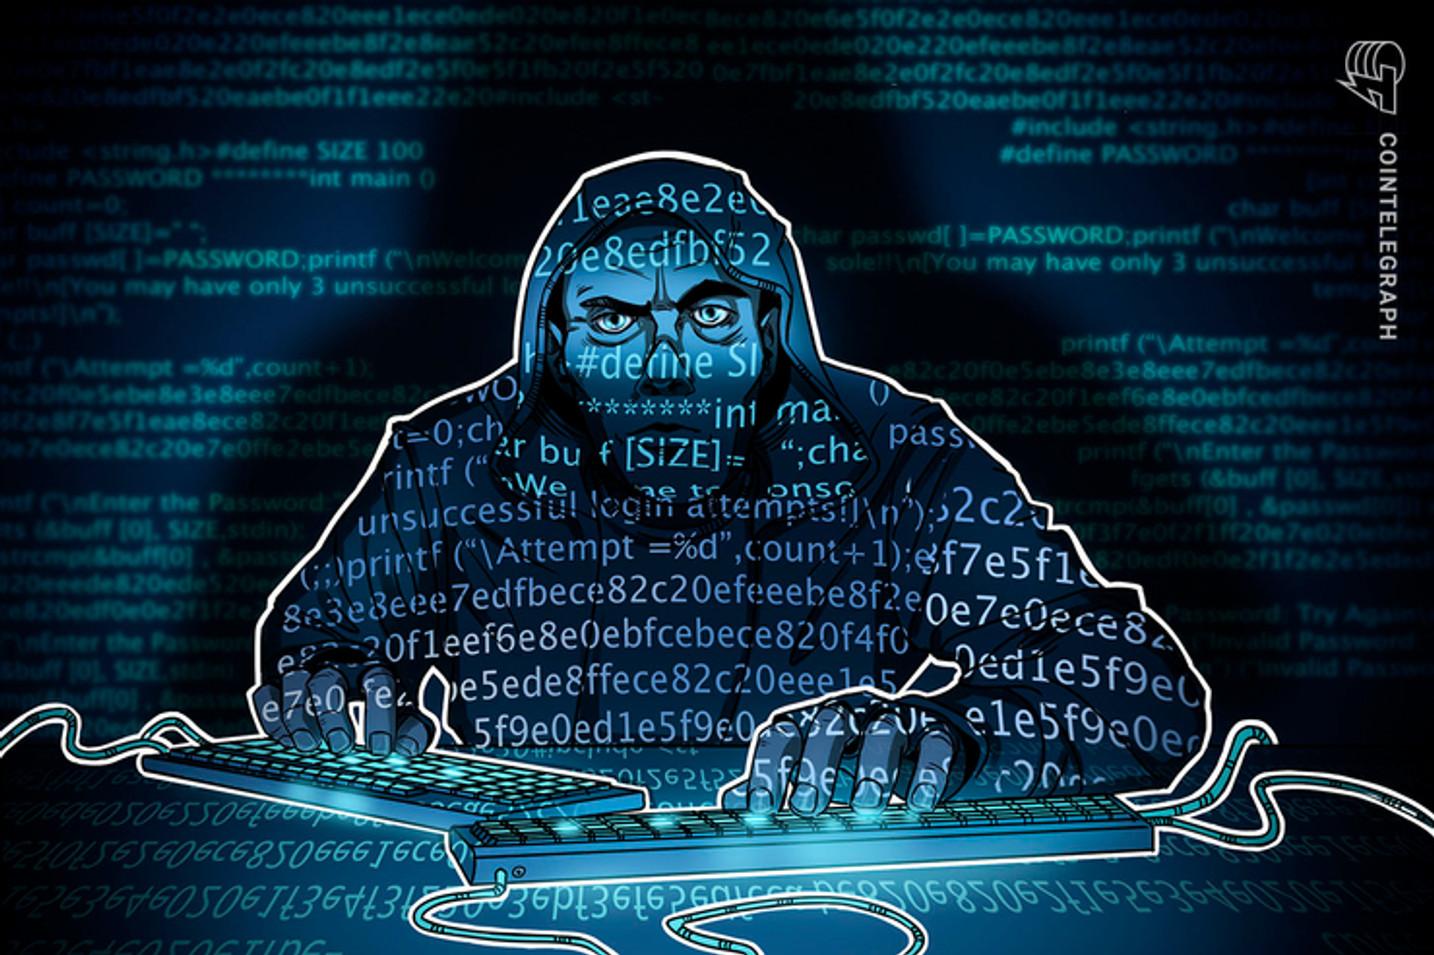 Bilionário português tem imagem envolvida em fraude cripto